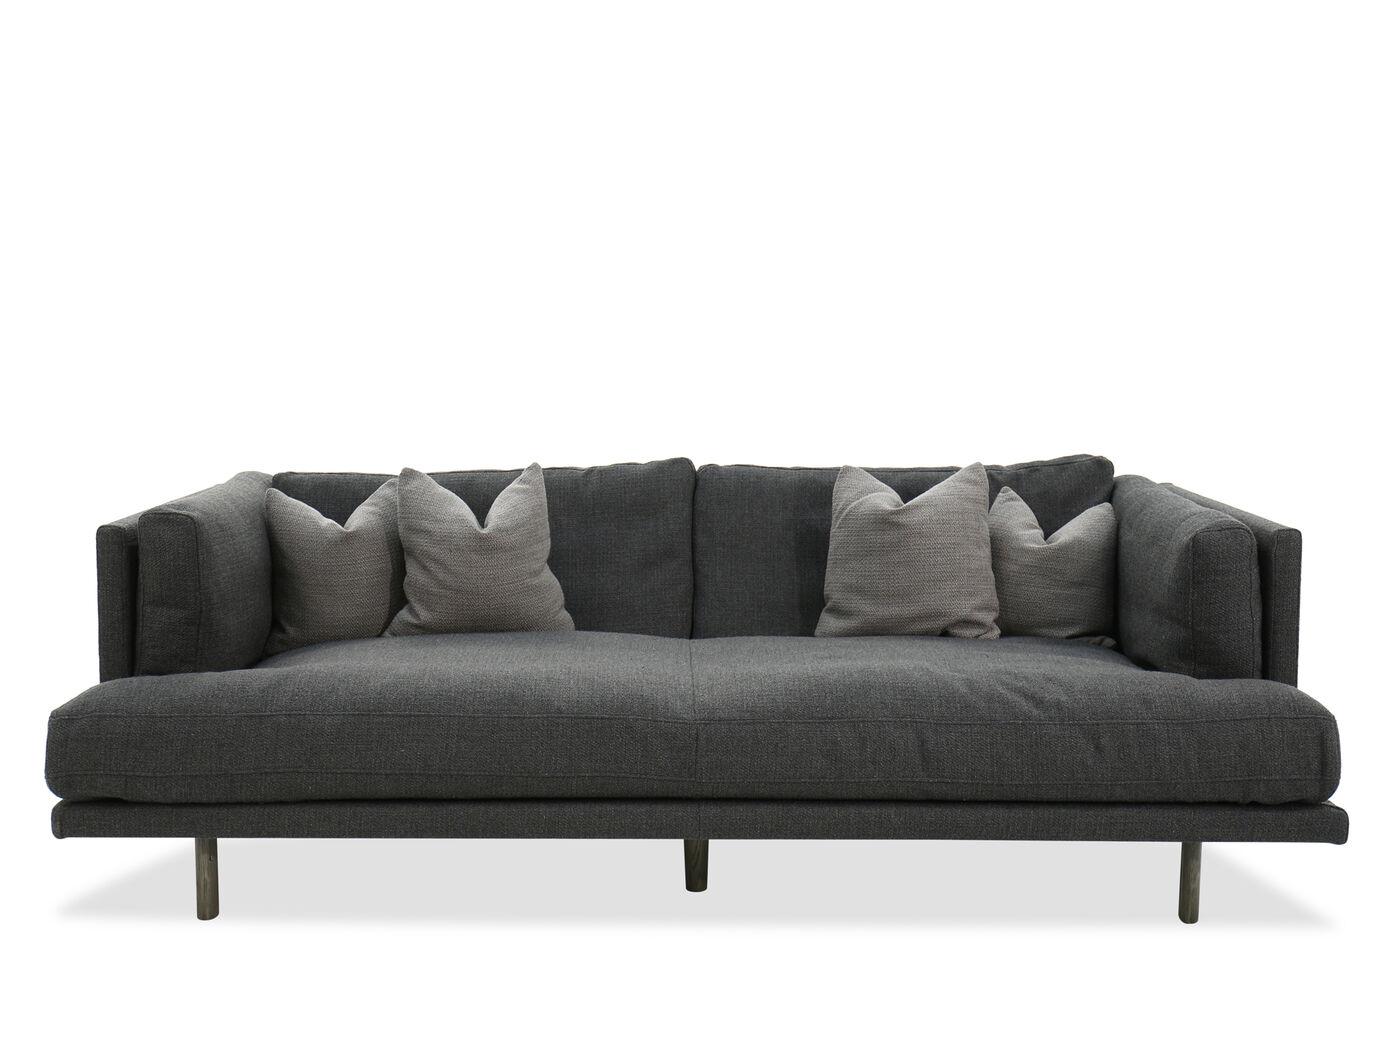 Boulevard luxe oversized sofa